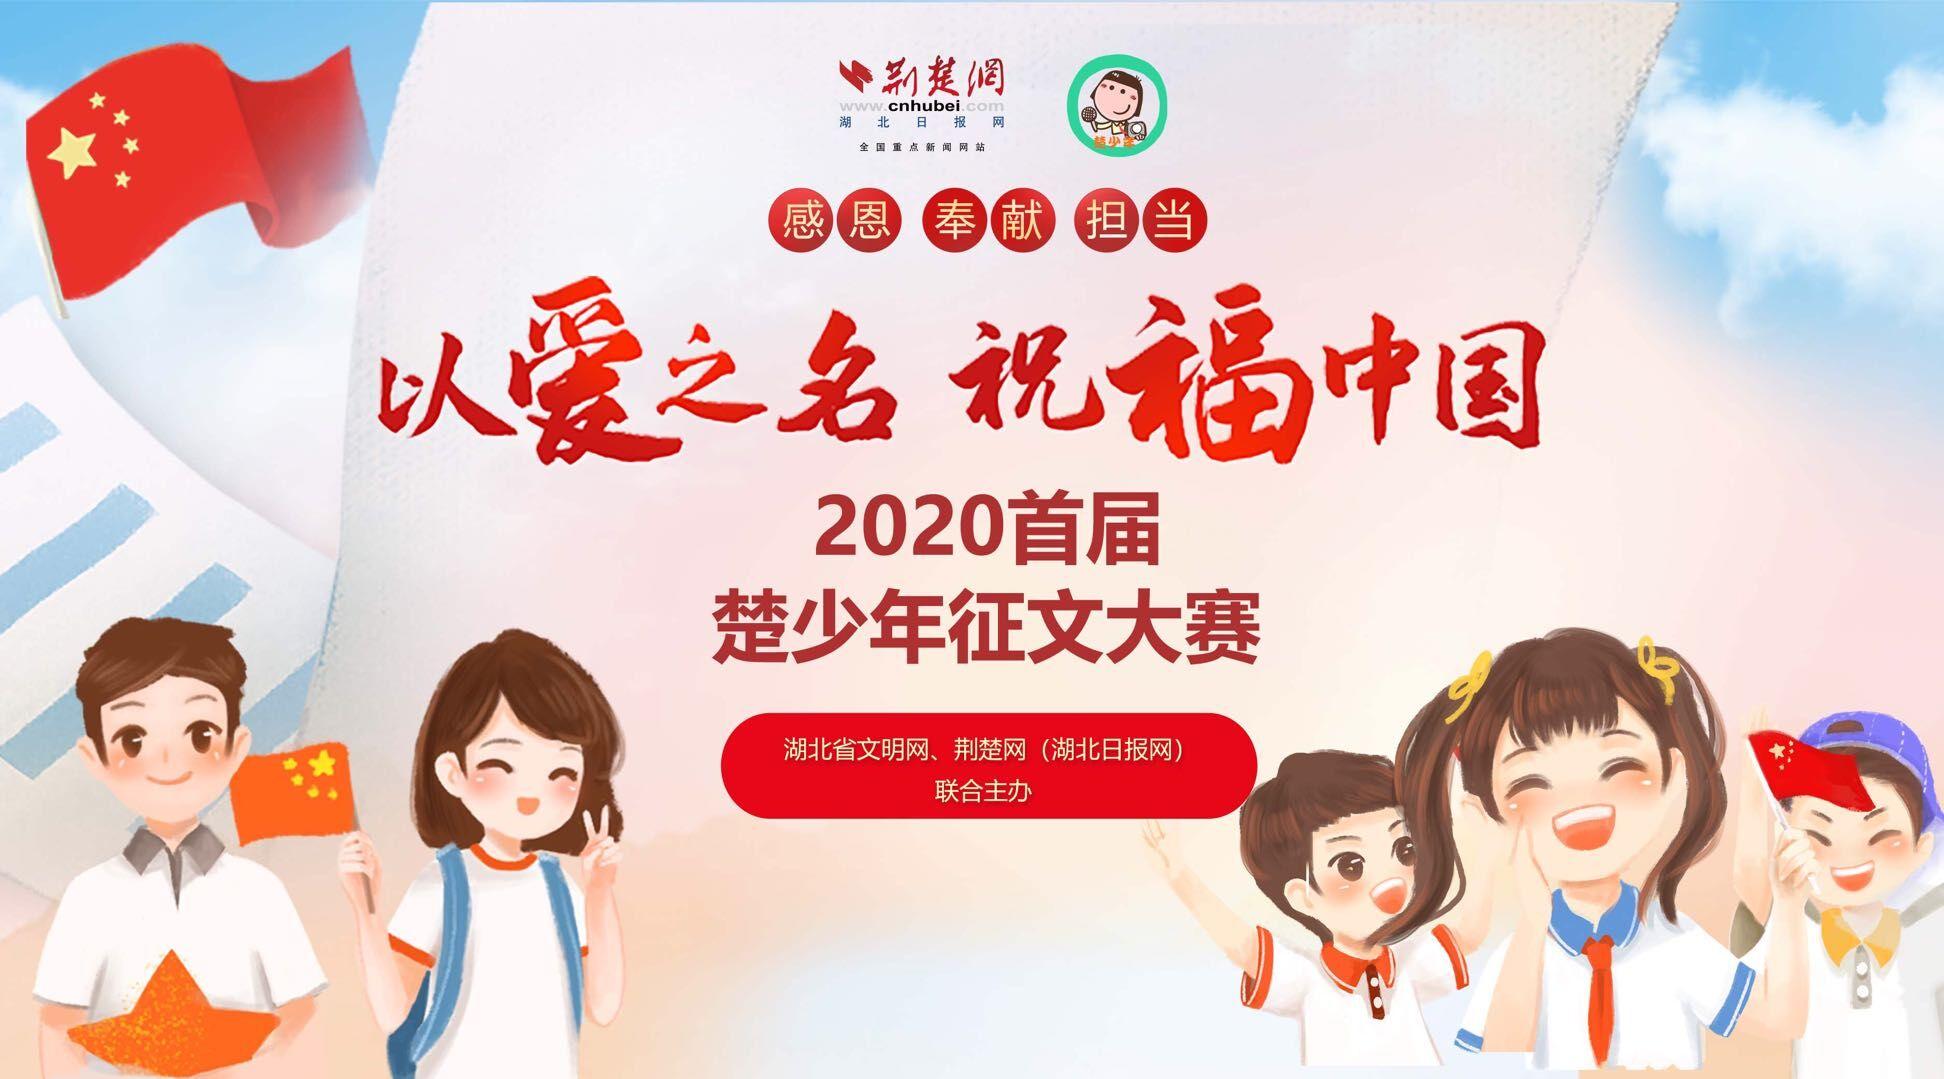 2020首届楚少年征文大赛